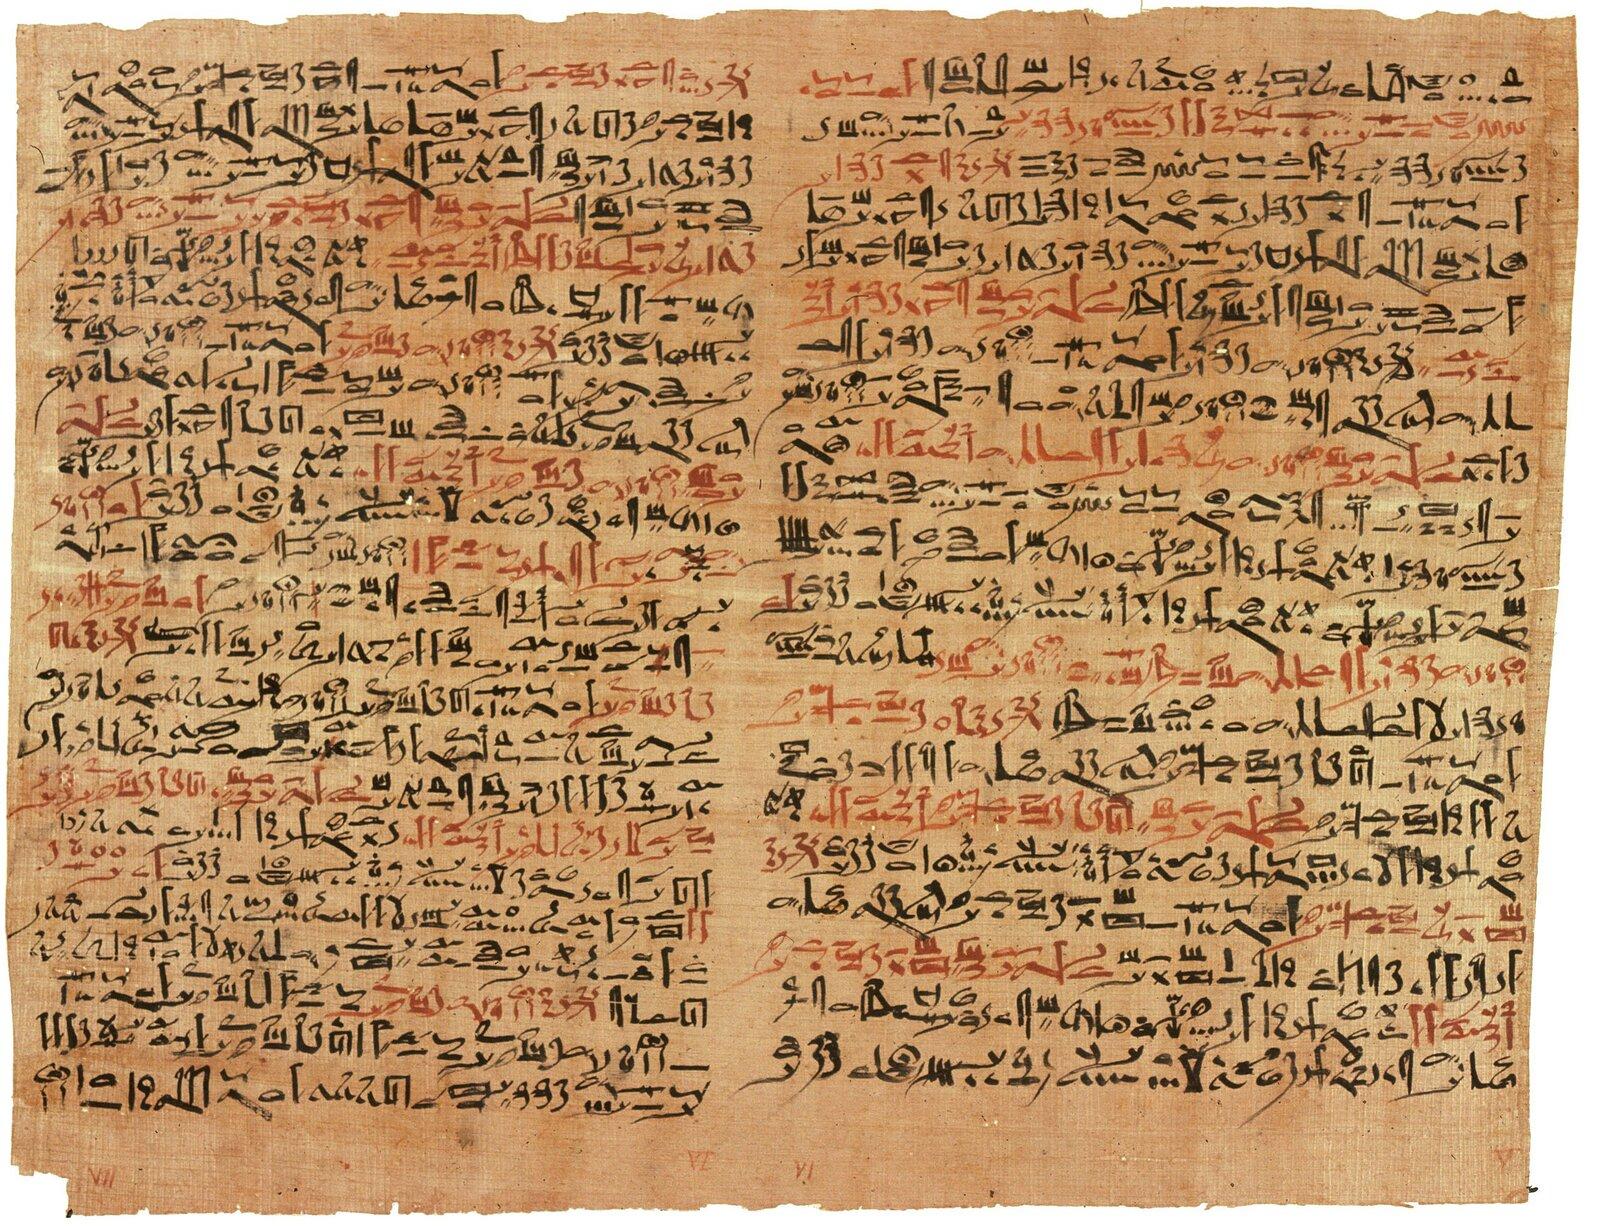 Papirus zapisany pismem hieratycznym zokoło 1600 r. p.n.e., będący najstarszym zachowanym traktatem na temat chirurgii. Obecnie znajduje się wNowojorskiej Akademii Medycznej Papirus zapisany pismem hieratycznym zokoło 1600 r. p.n.e., będący najstarszym zachowanym traktatem na temat chirurgii. Obecnie znajduje się wNowojorskiej Akademii Medycznej Źródło: domena publiczna.